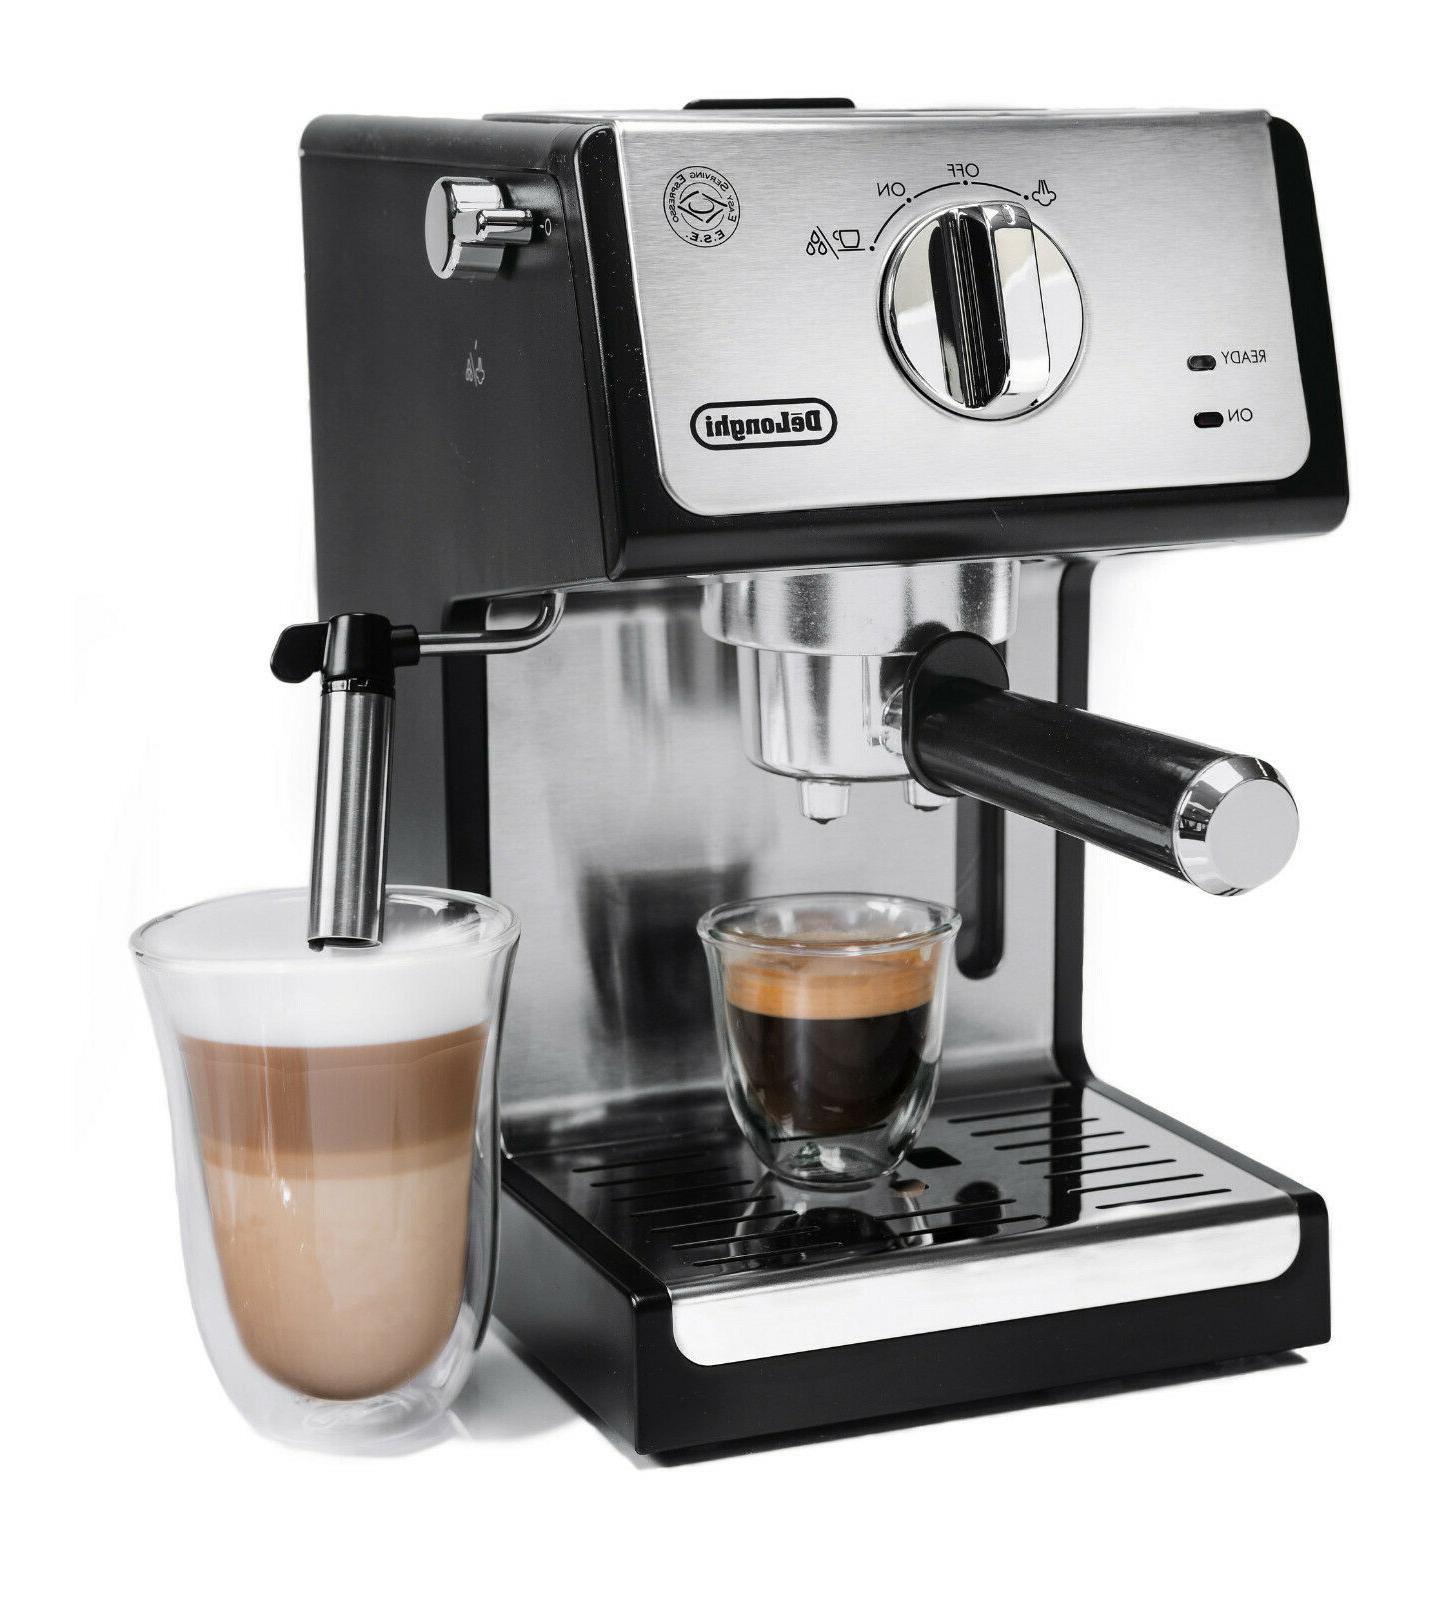 DeLonghi Bar ESPRESSO Milk Cappuccino Latte Maker